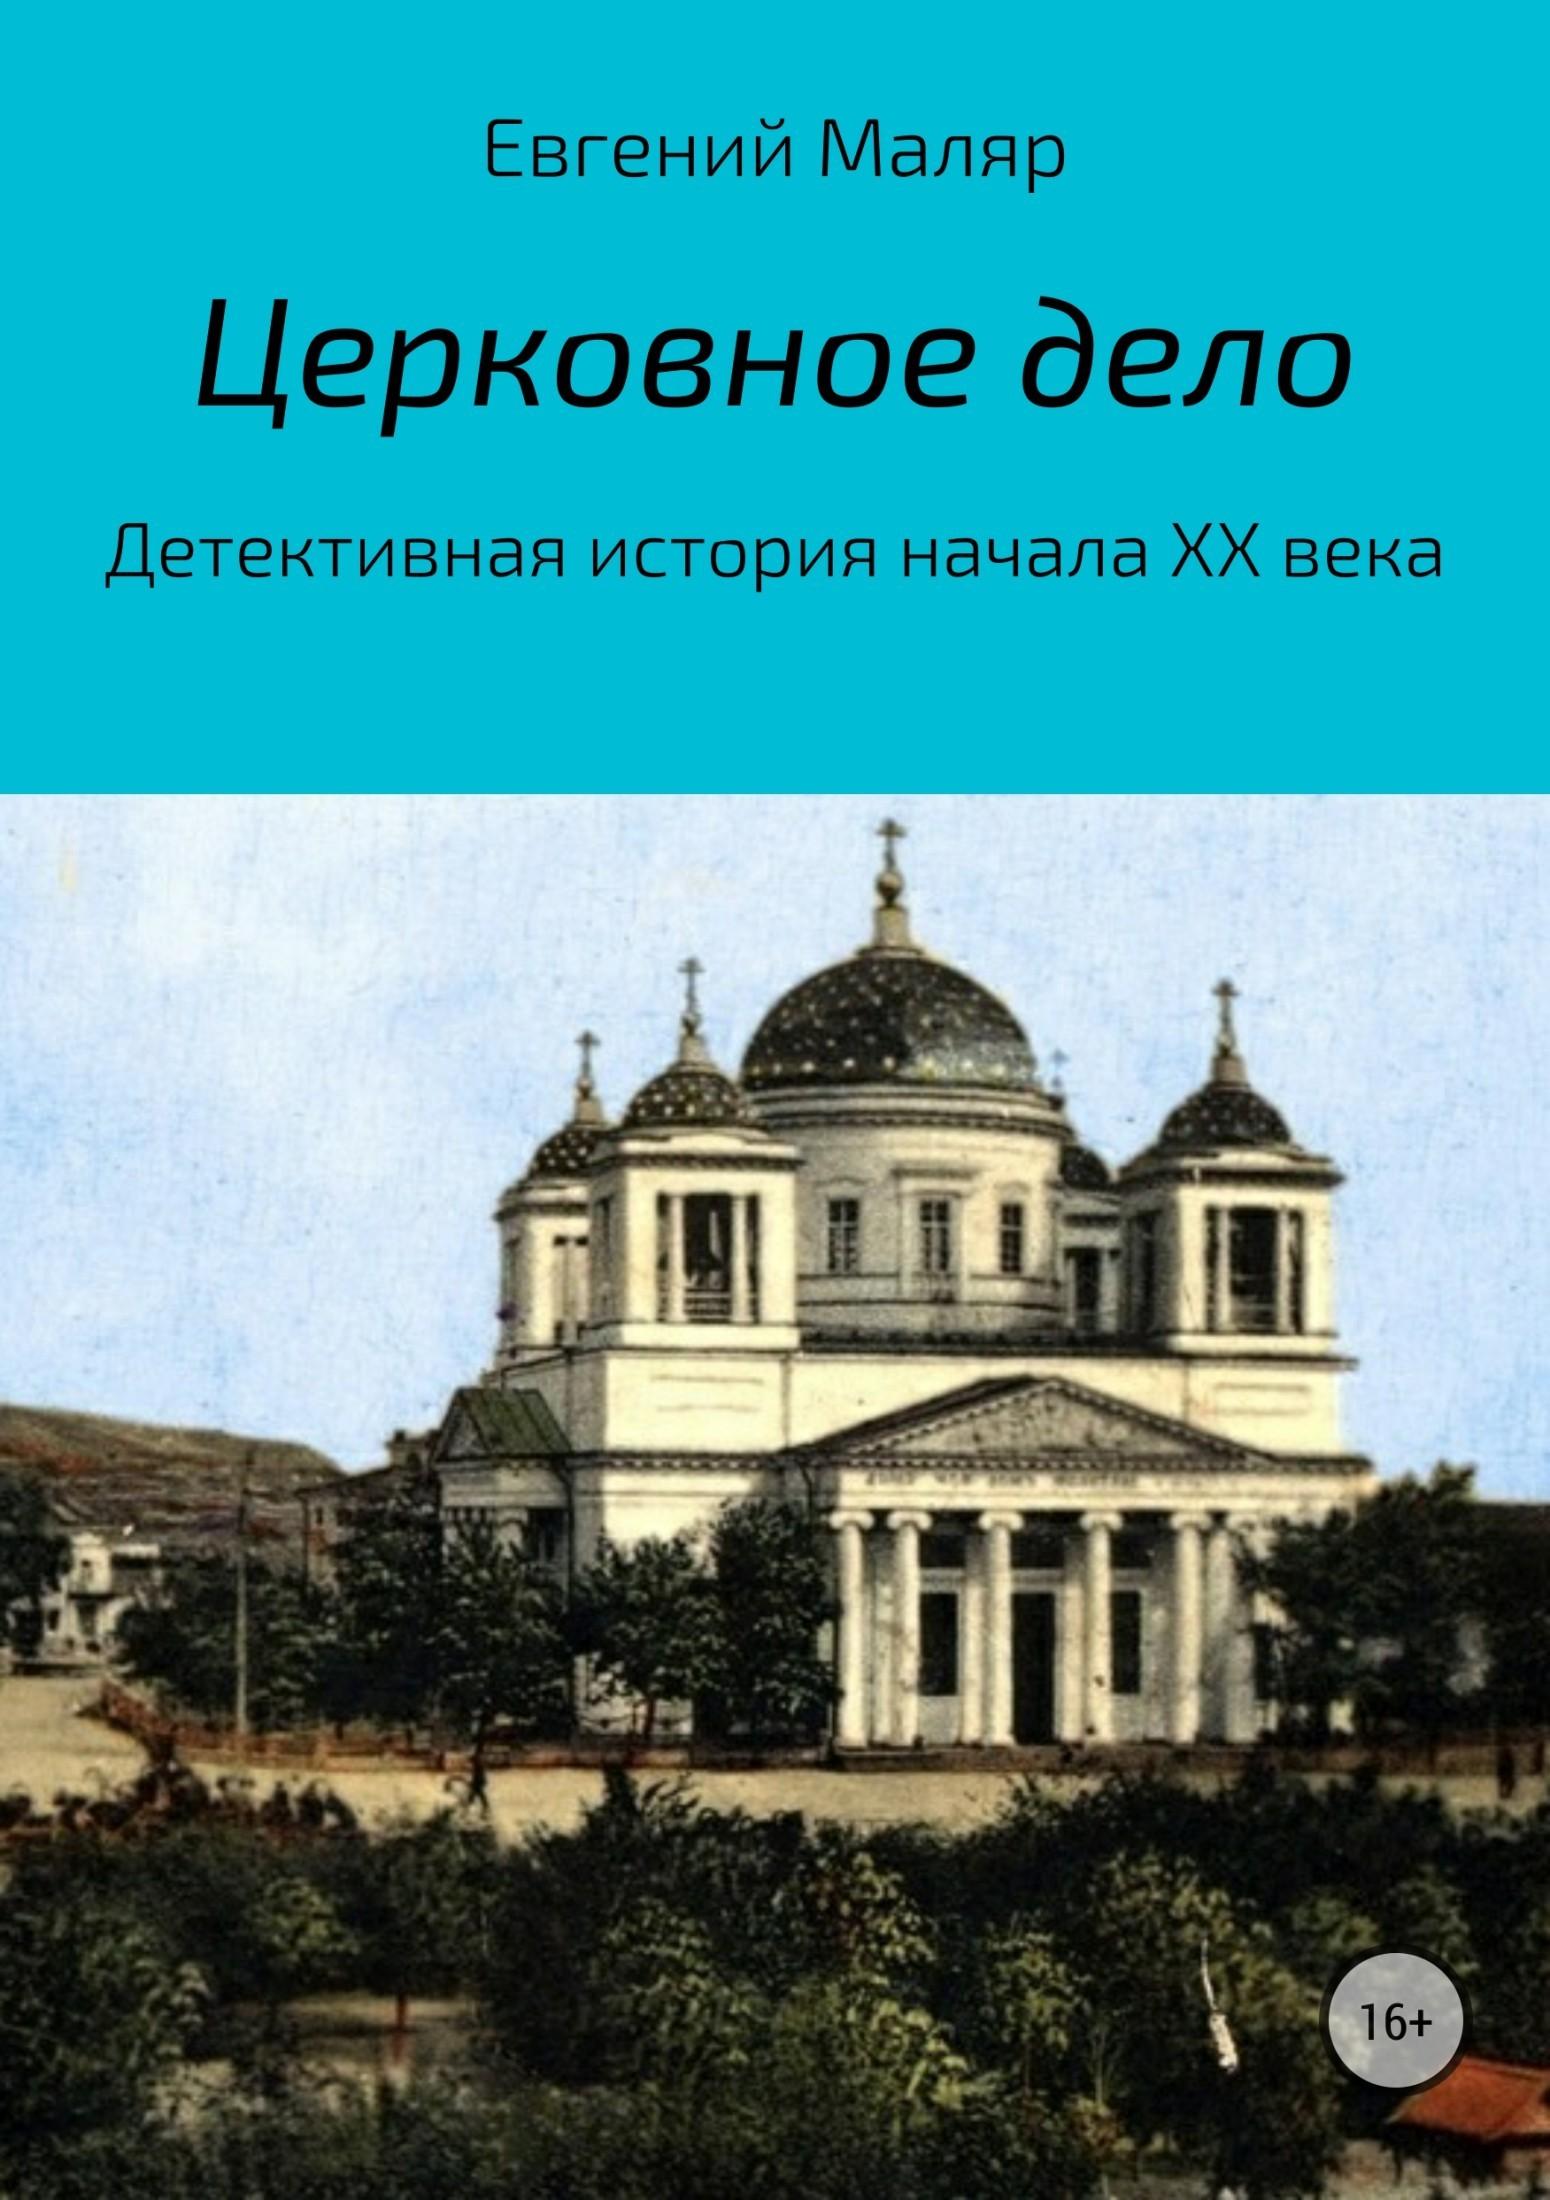 Церковное дело. Детективная история начала XX века